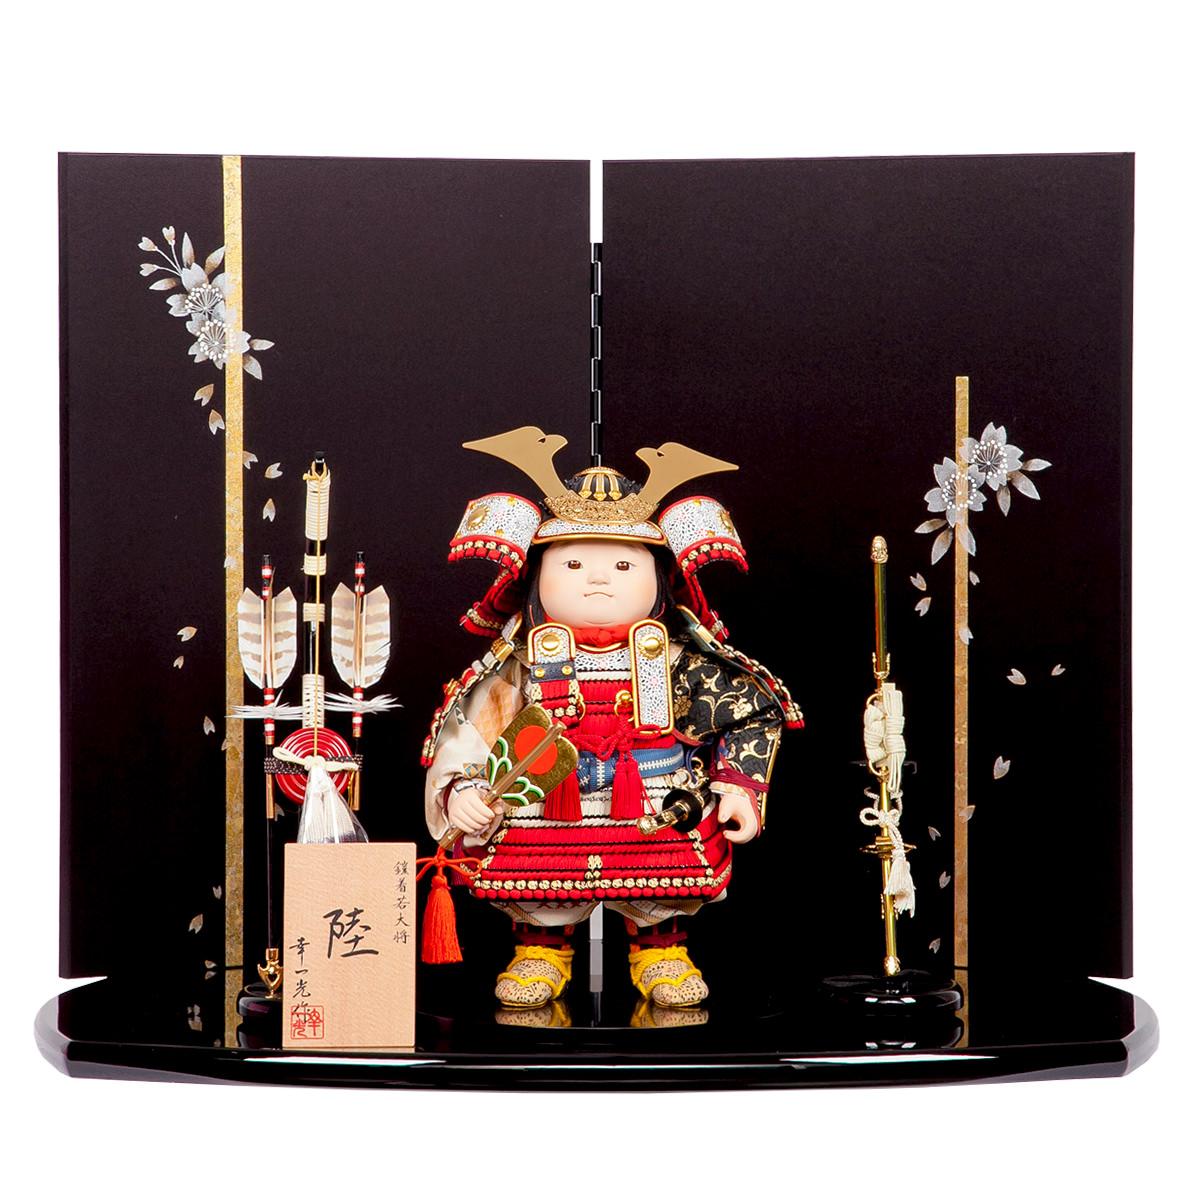 五月節句 男の子 五月人形 鎧着大将飾り 幸一光 『陸』江二曲屏風 送料無料